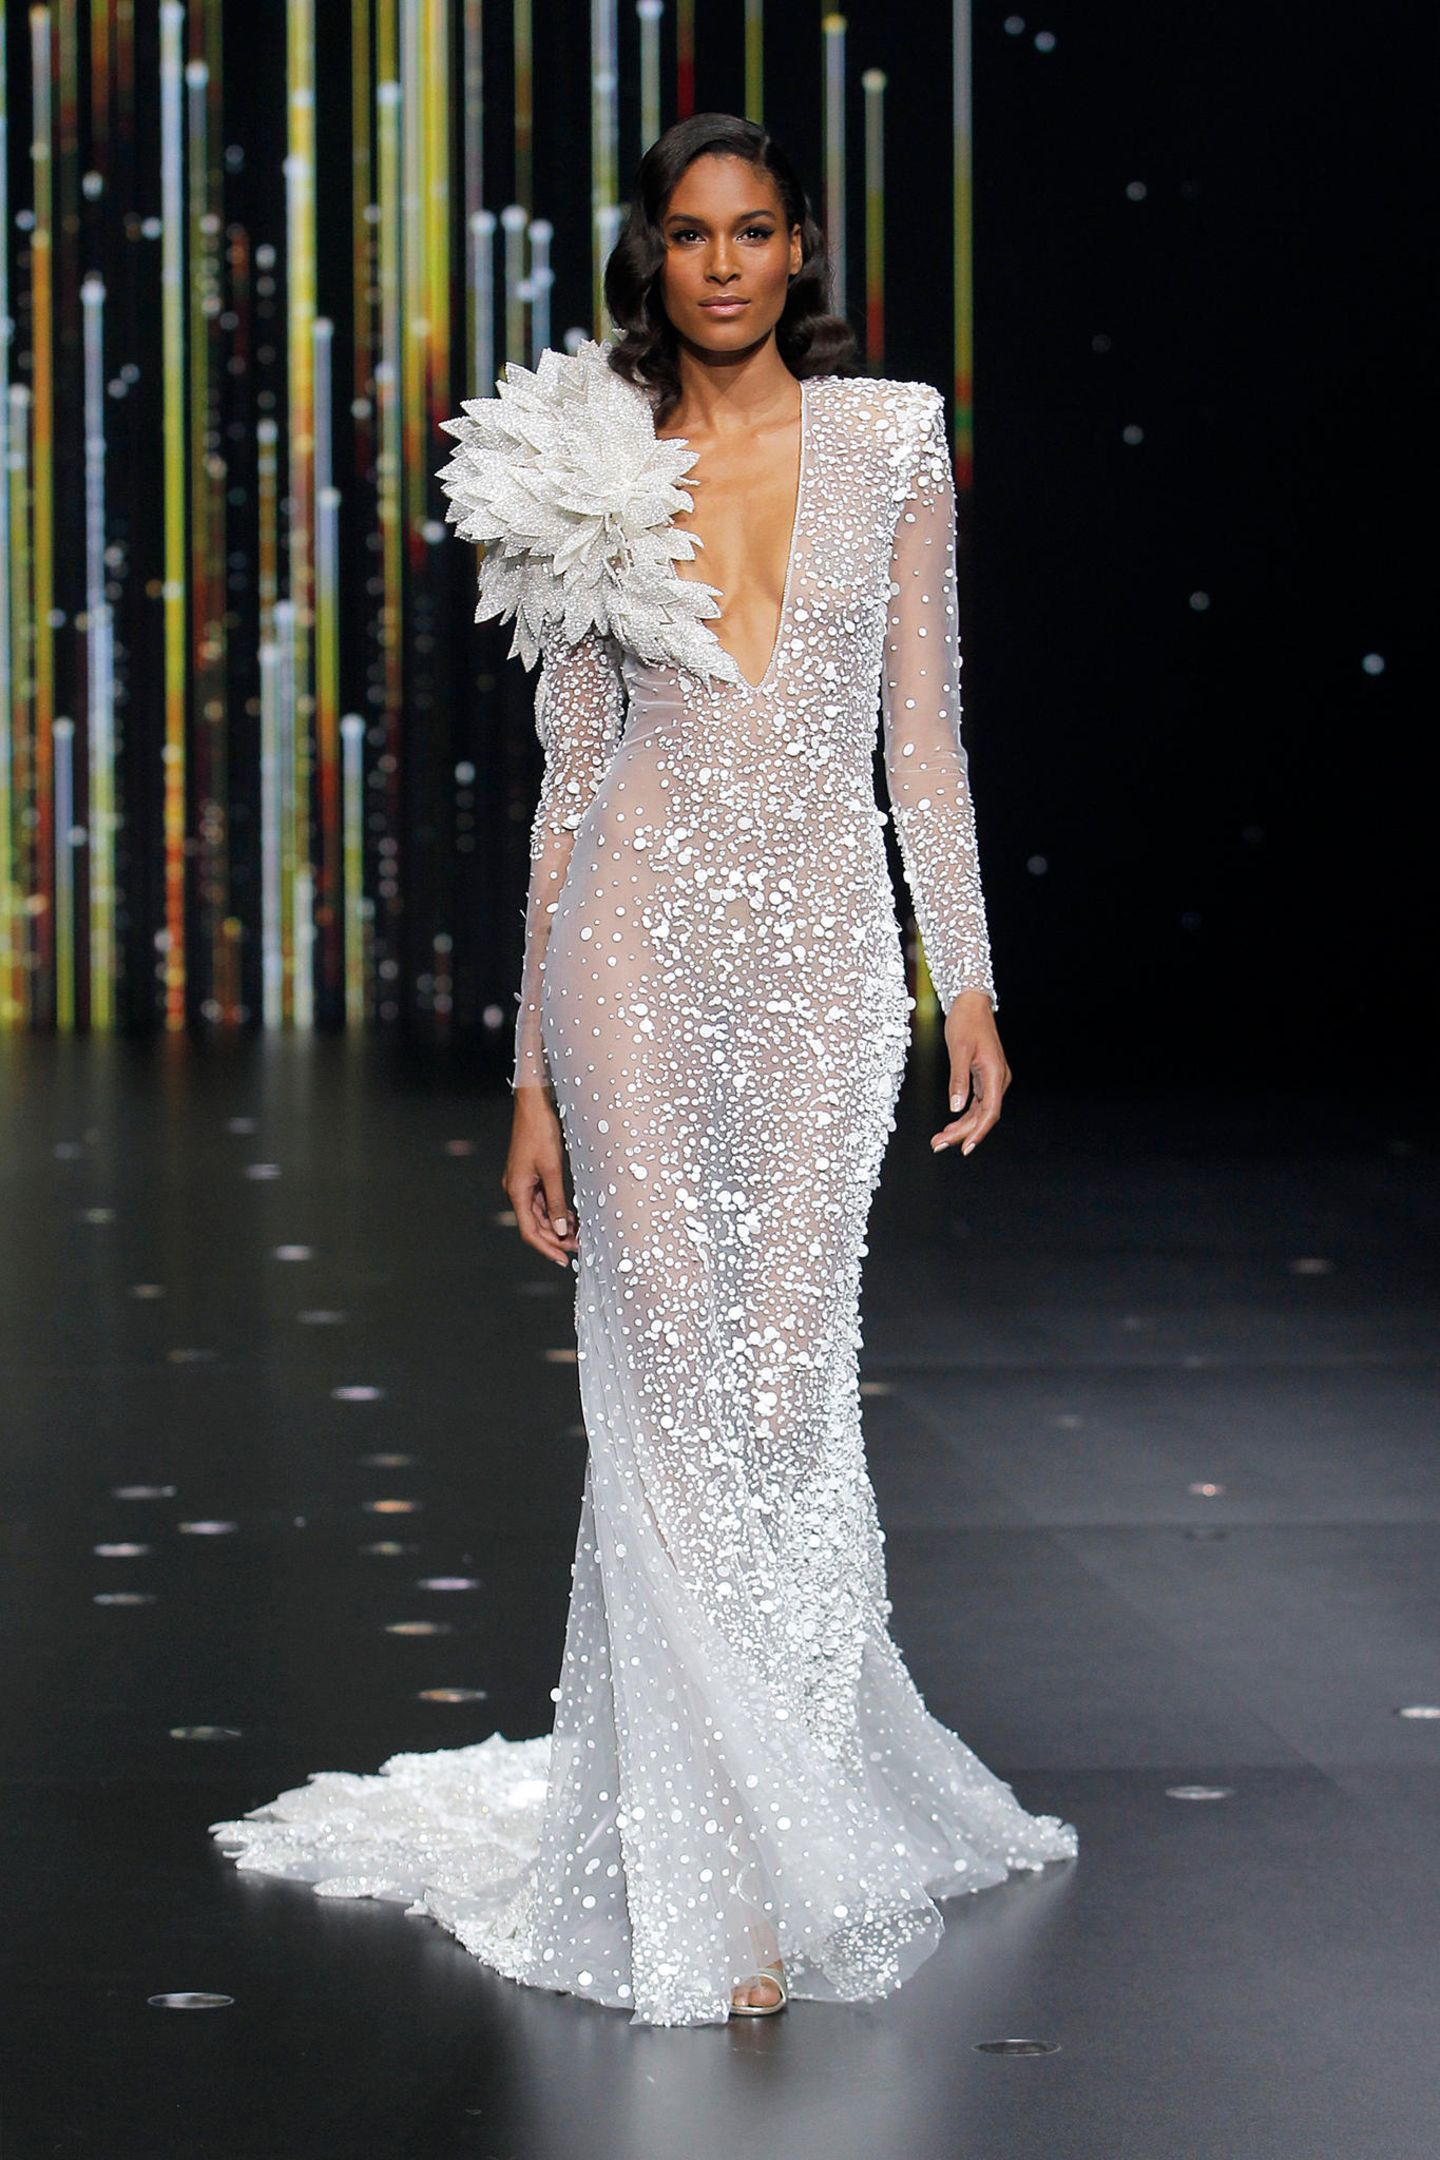 Ganz besonders glamourös ist diese Kreation von Pronovias, die mit viel nackter Haut und raffinierten Details überzeugt.